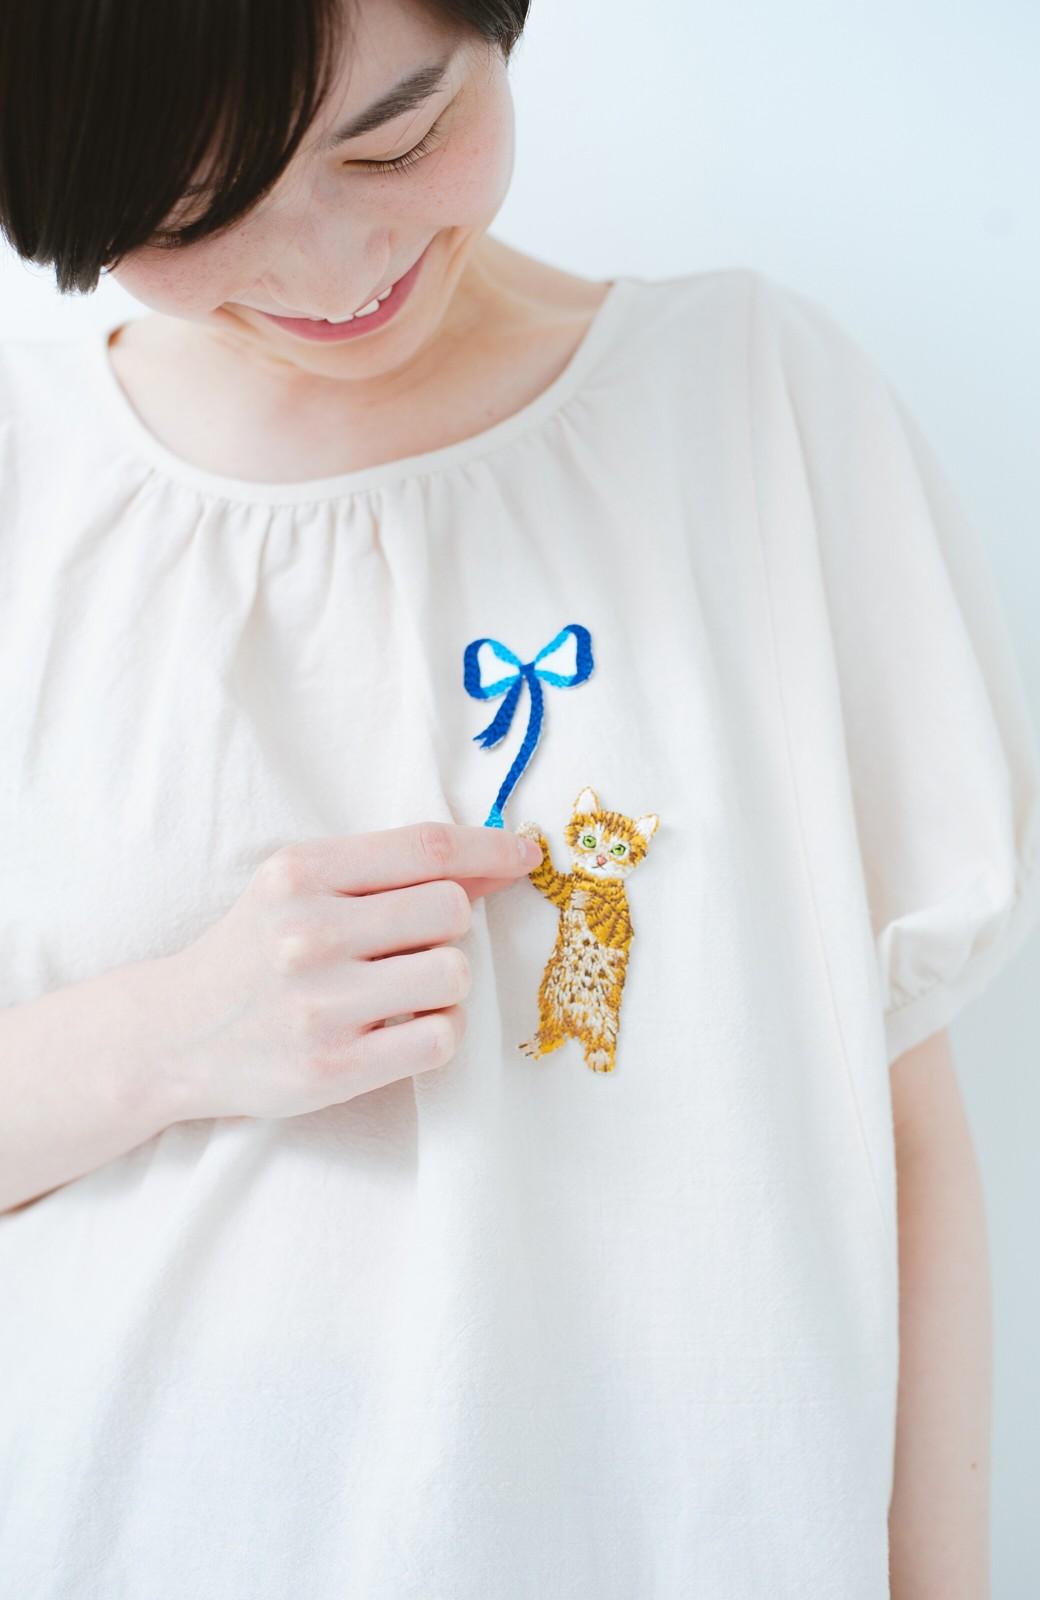 haco! PBP minne作家 シマヅカオリさんと作ったオーガニックコットンの綿麻ブラウス&猫とリボンの刺繍ワッペンセット by haco!×minne one+more project  <ライトベージュ>の商品写真10